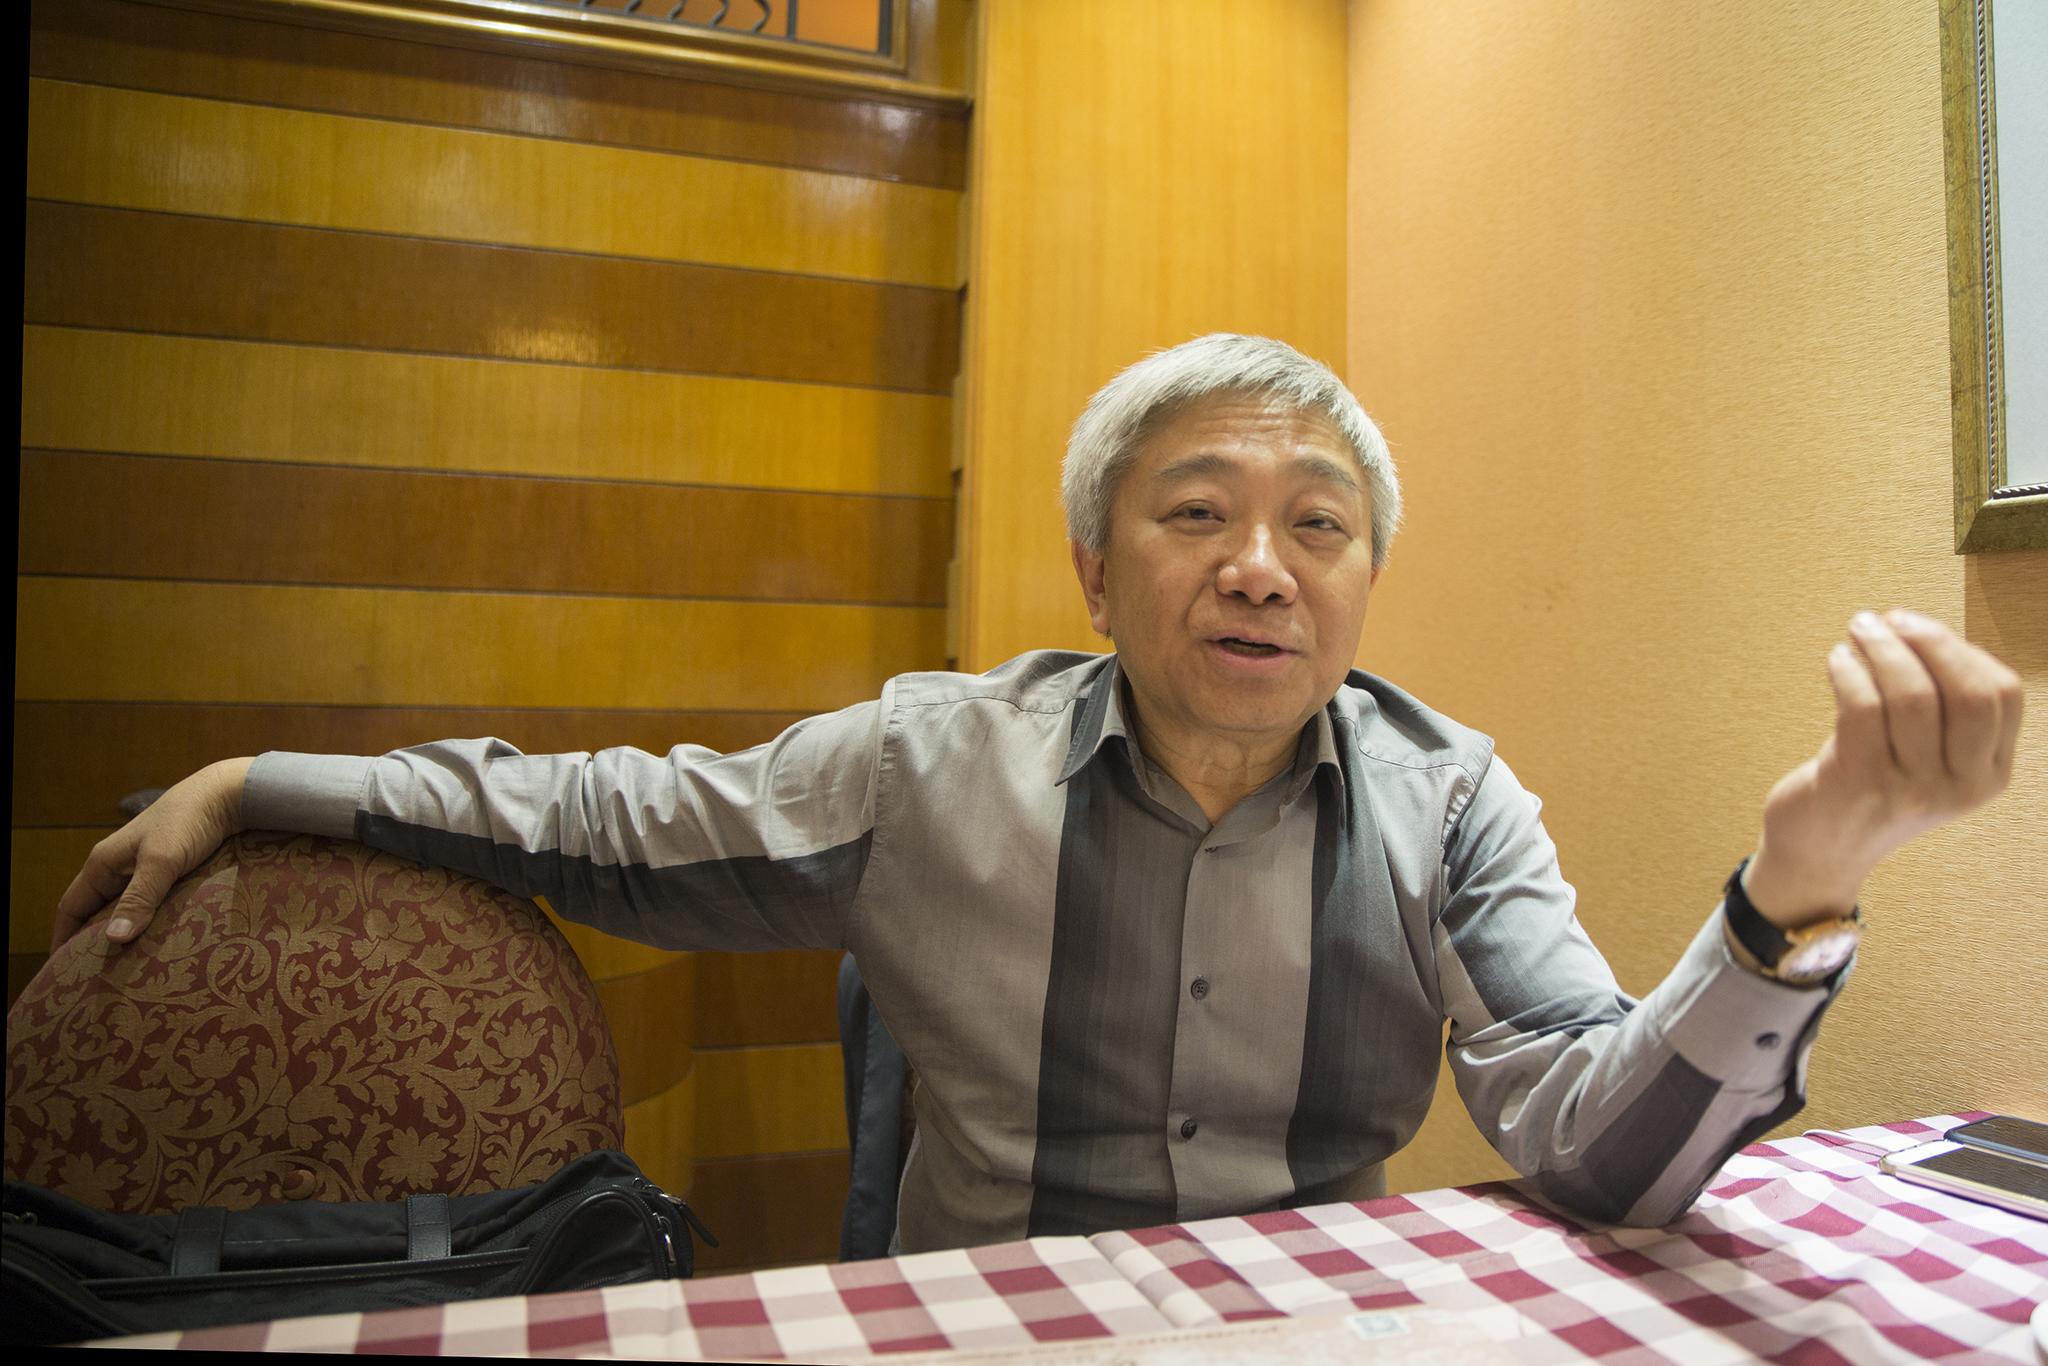 Entrevista | Chan Chak Mo, deputado e empresário